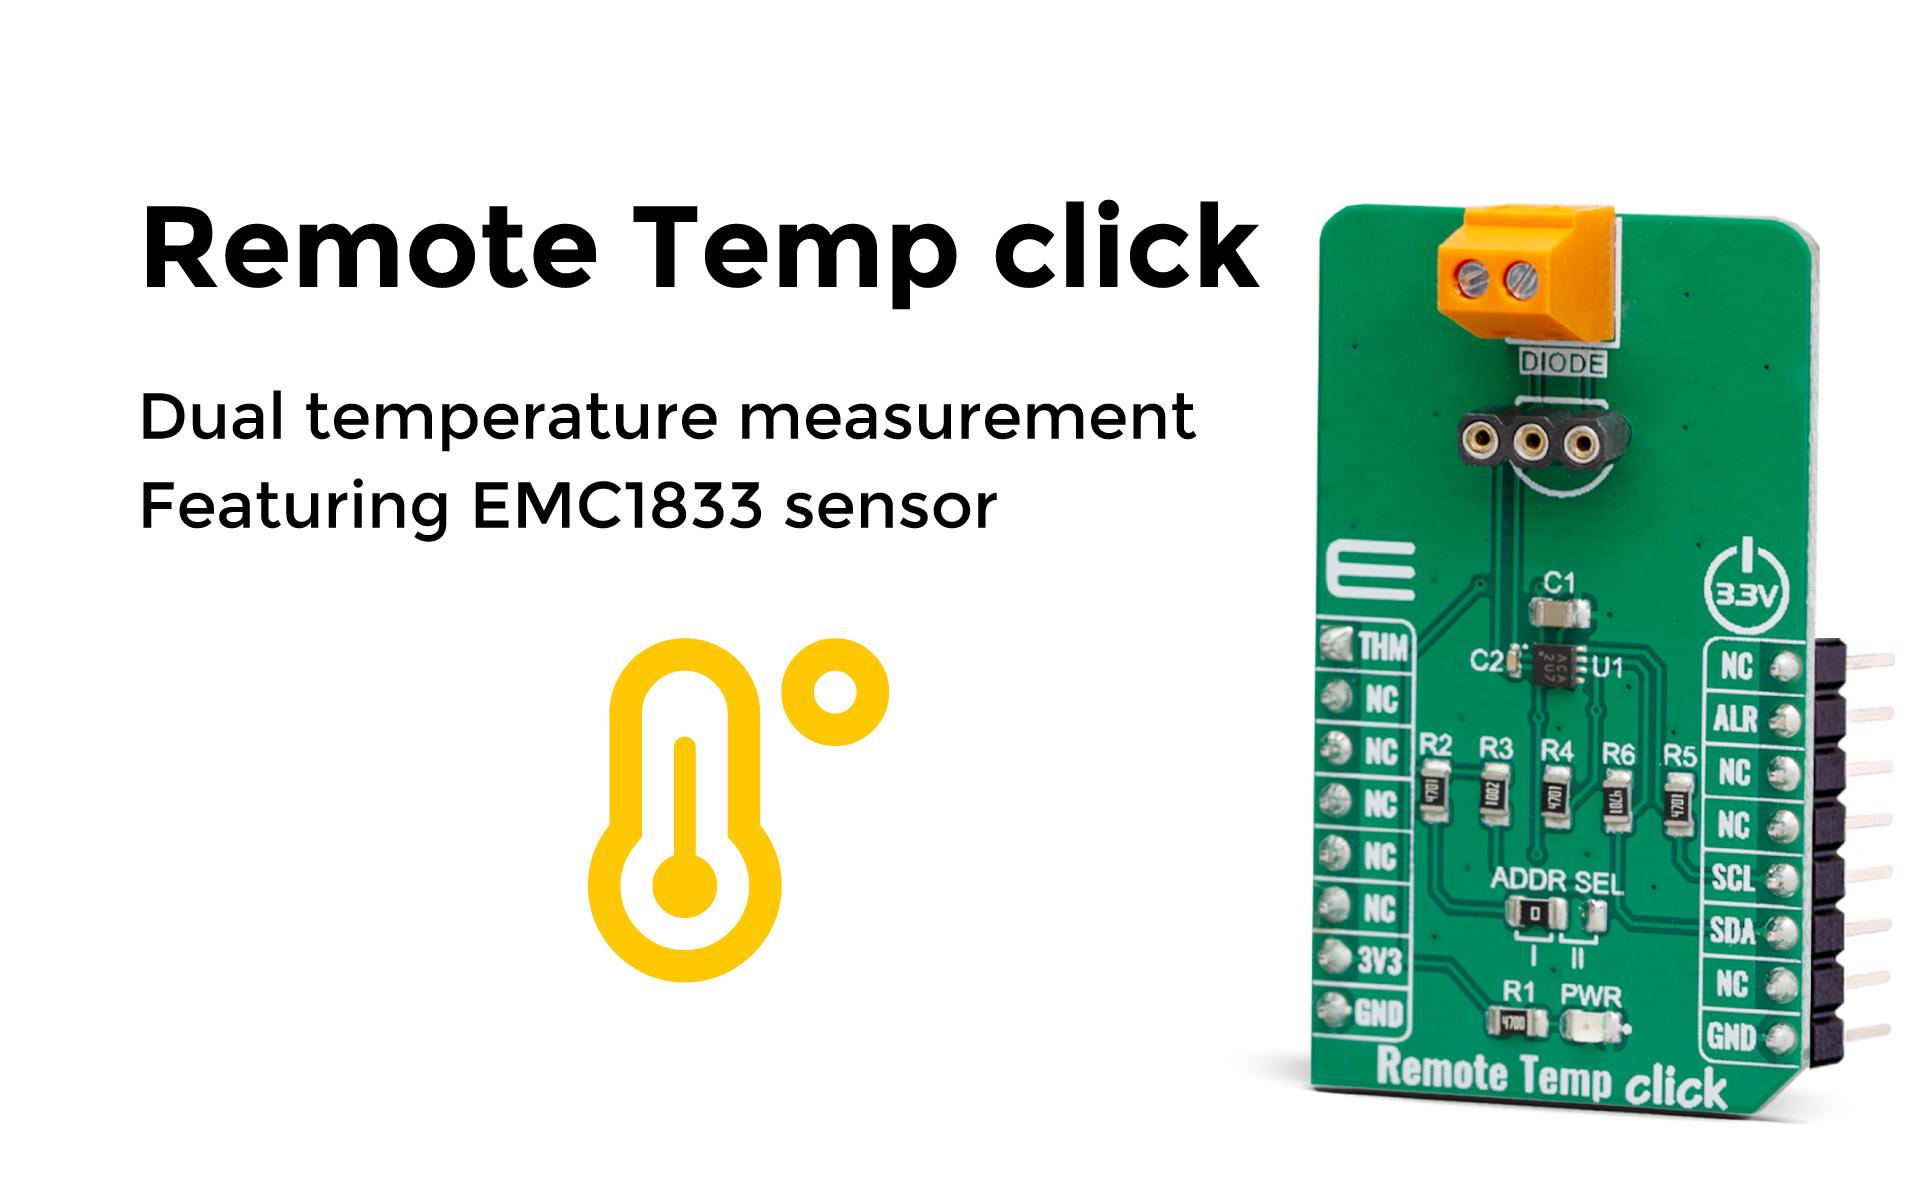 Dual temperature measurement featuring EMC1833 sensor